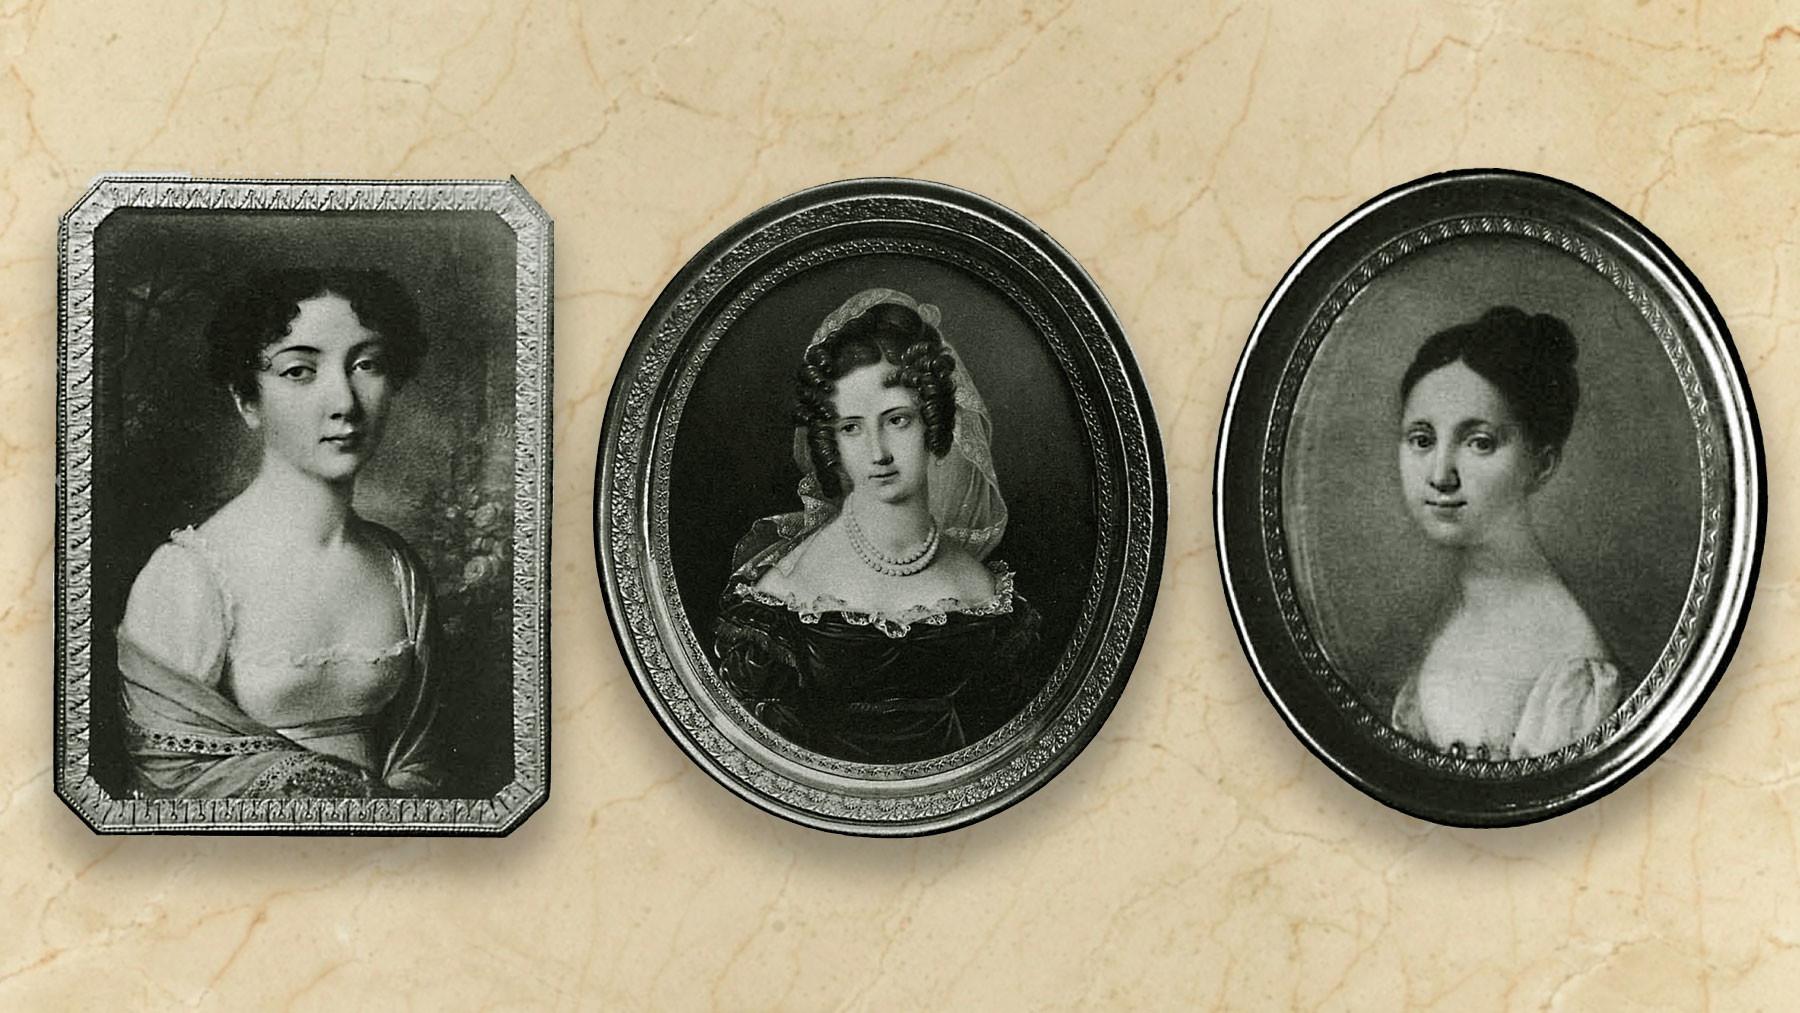 Теофила Радзивилл, Елизавета Александровна, Елизавета Николаевна. Фото: © Википедия